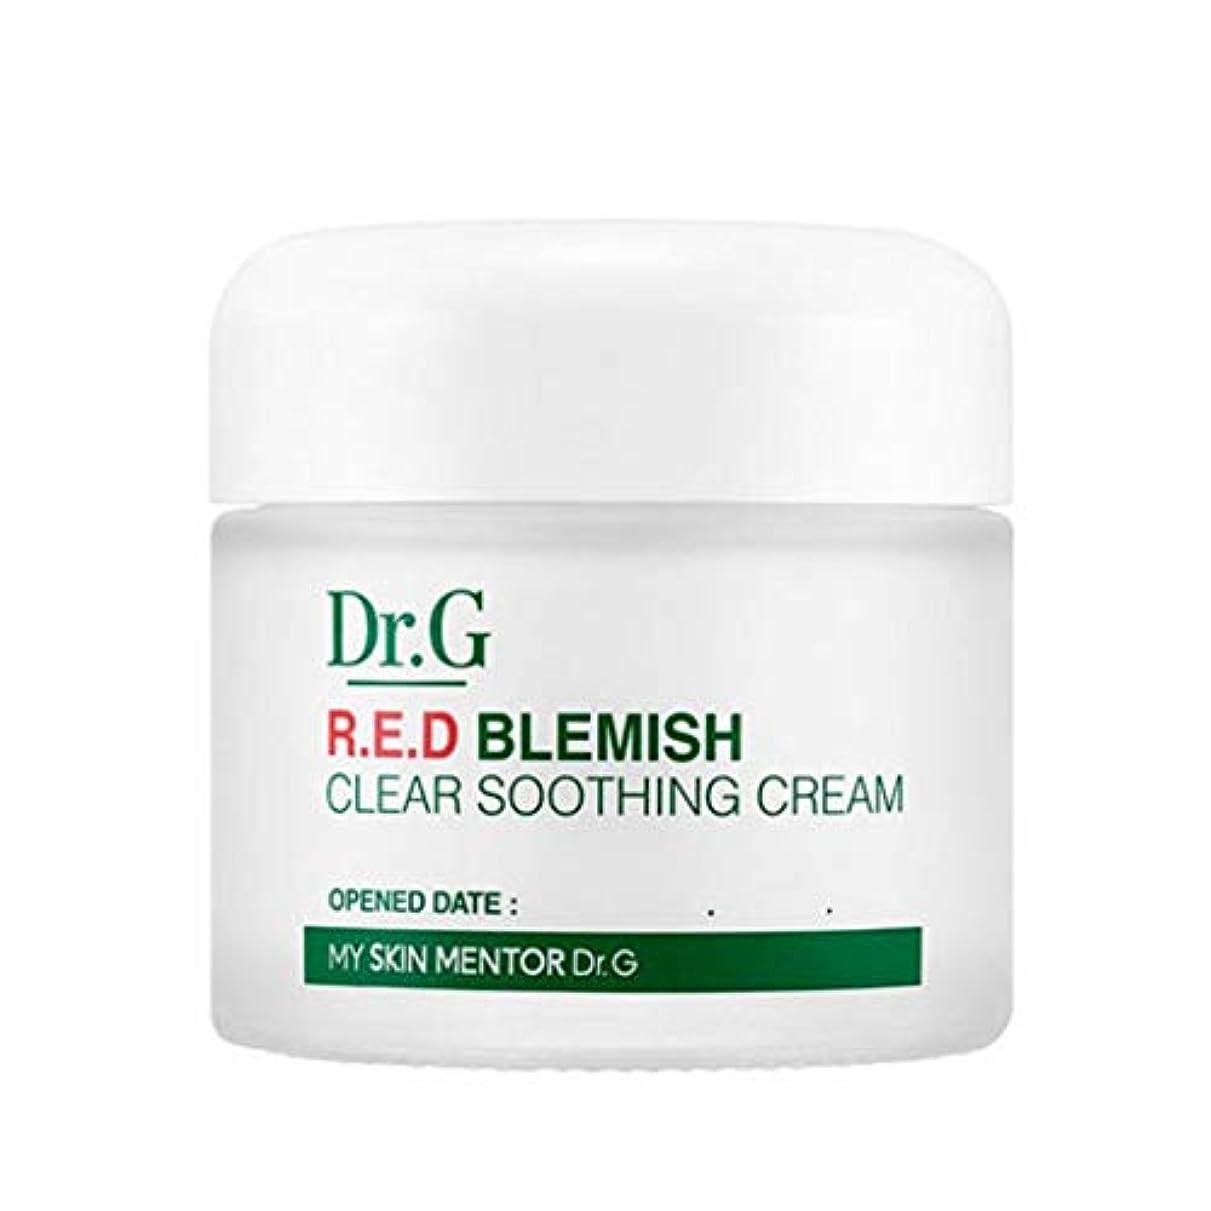 イブニングハイランド測るドクターGレッドブレミッシュクリアスージングクリーム70ml水分クリーム、Dr.G Red Blemish Clear Soothing Cream 70ml Moisturizing Cream [並行輸入品]